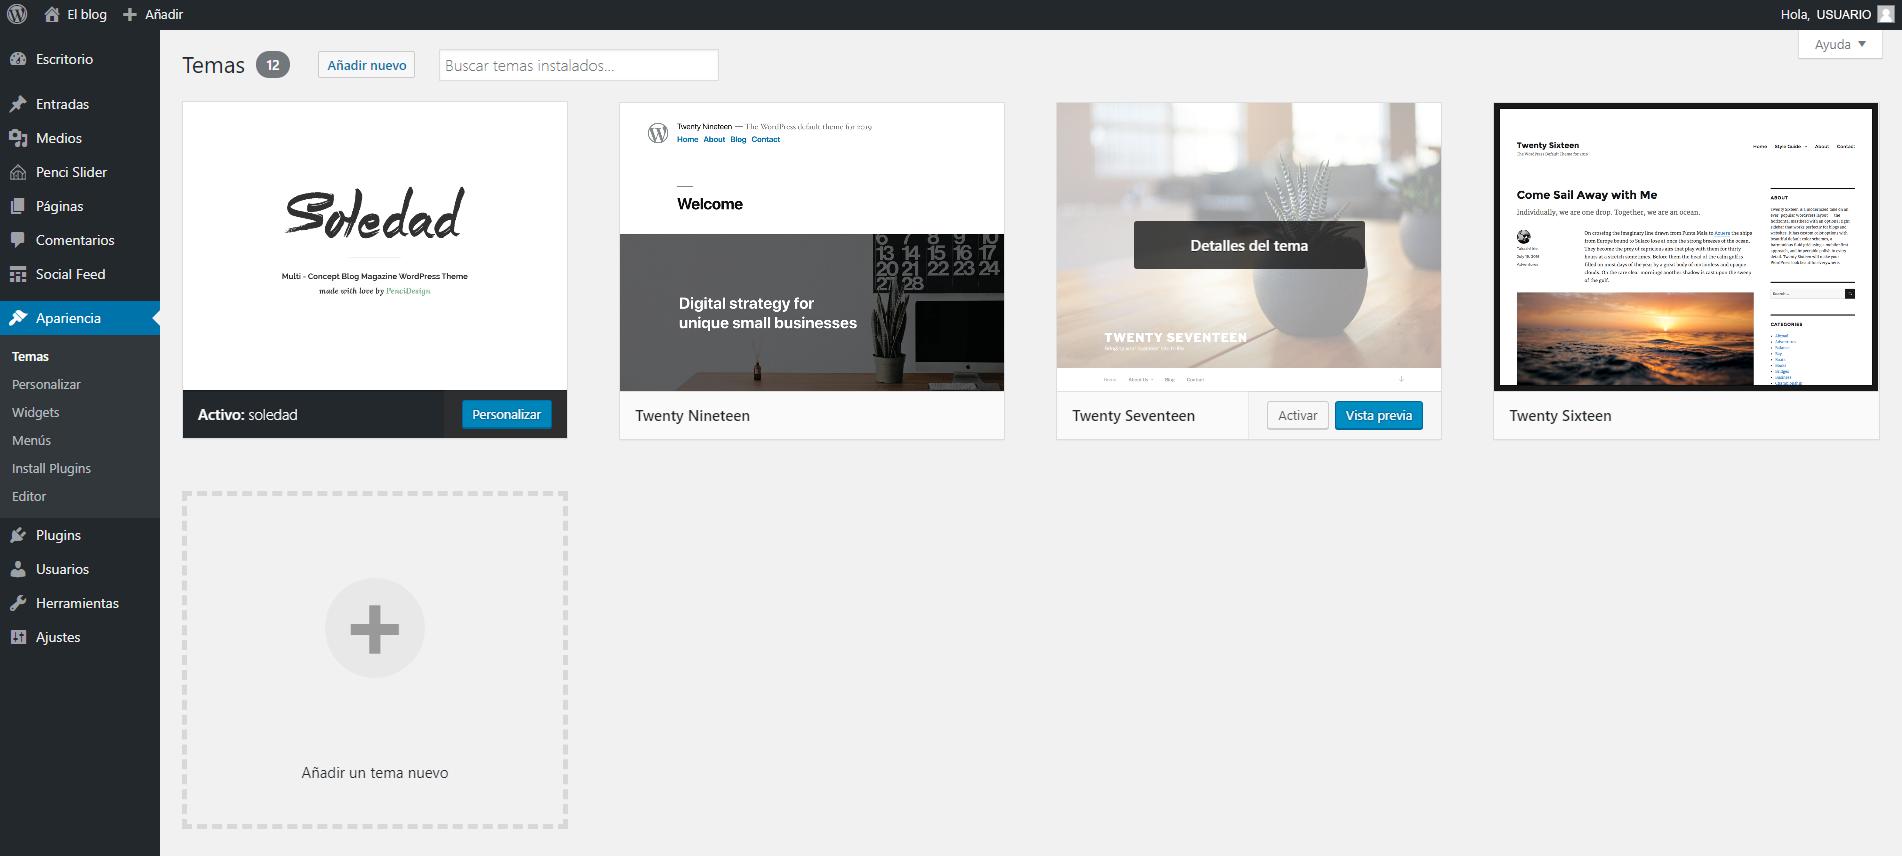 Apartado Temas en el escritorio de WordPress, plantillas de WordPress gratis